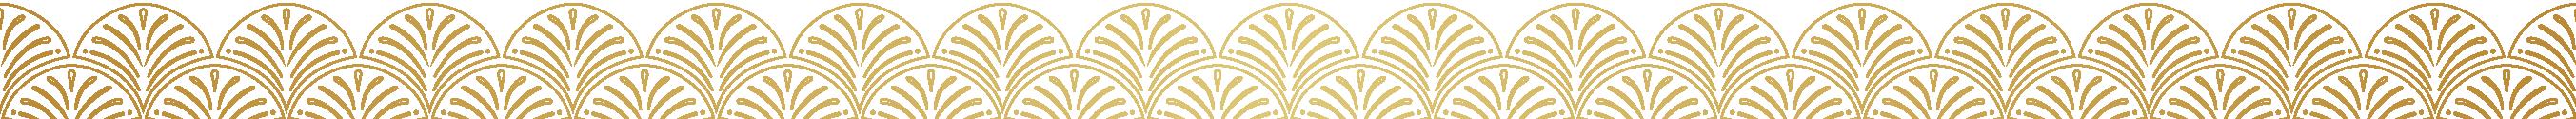 LandingPage_Scallop002_SmScale_Gold